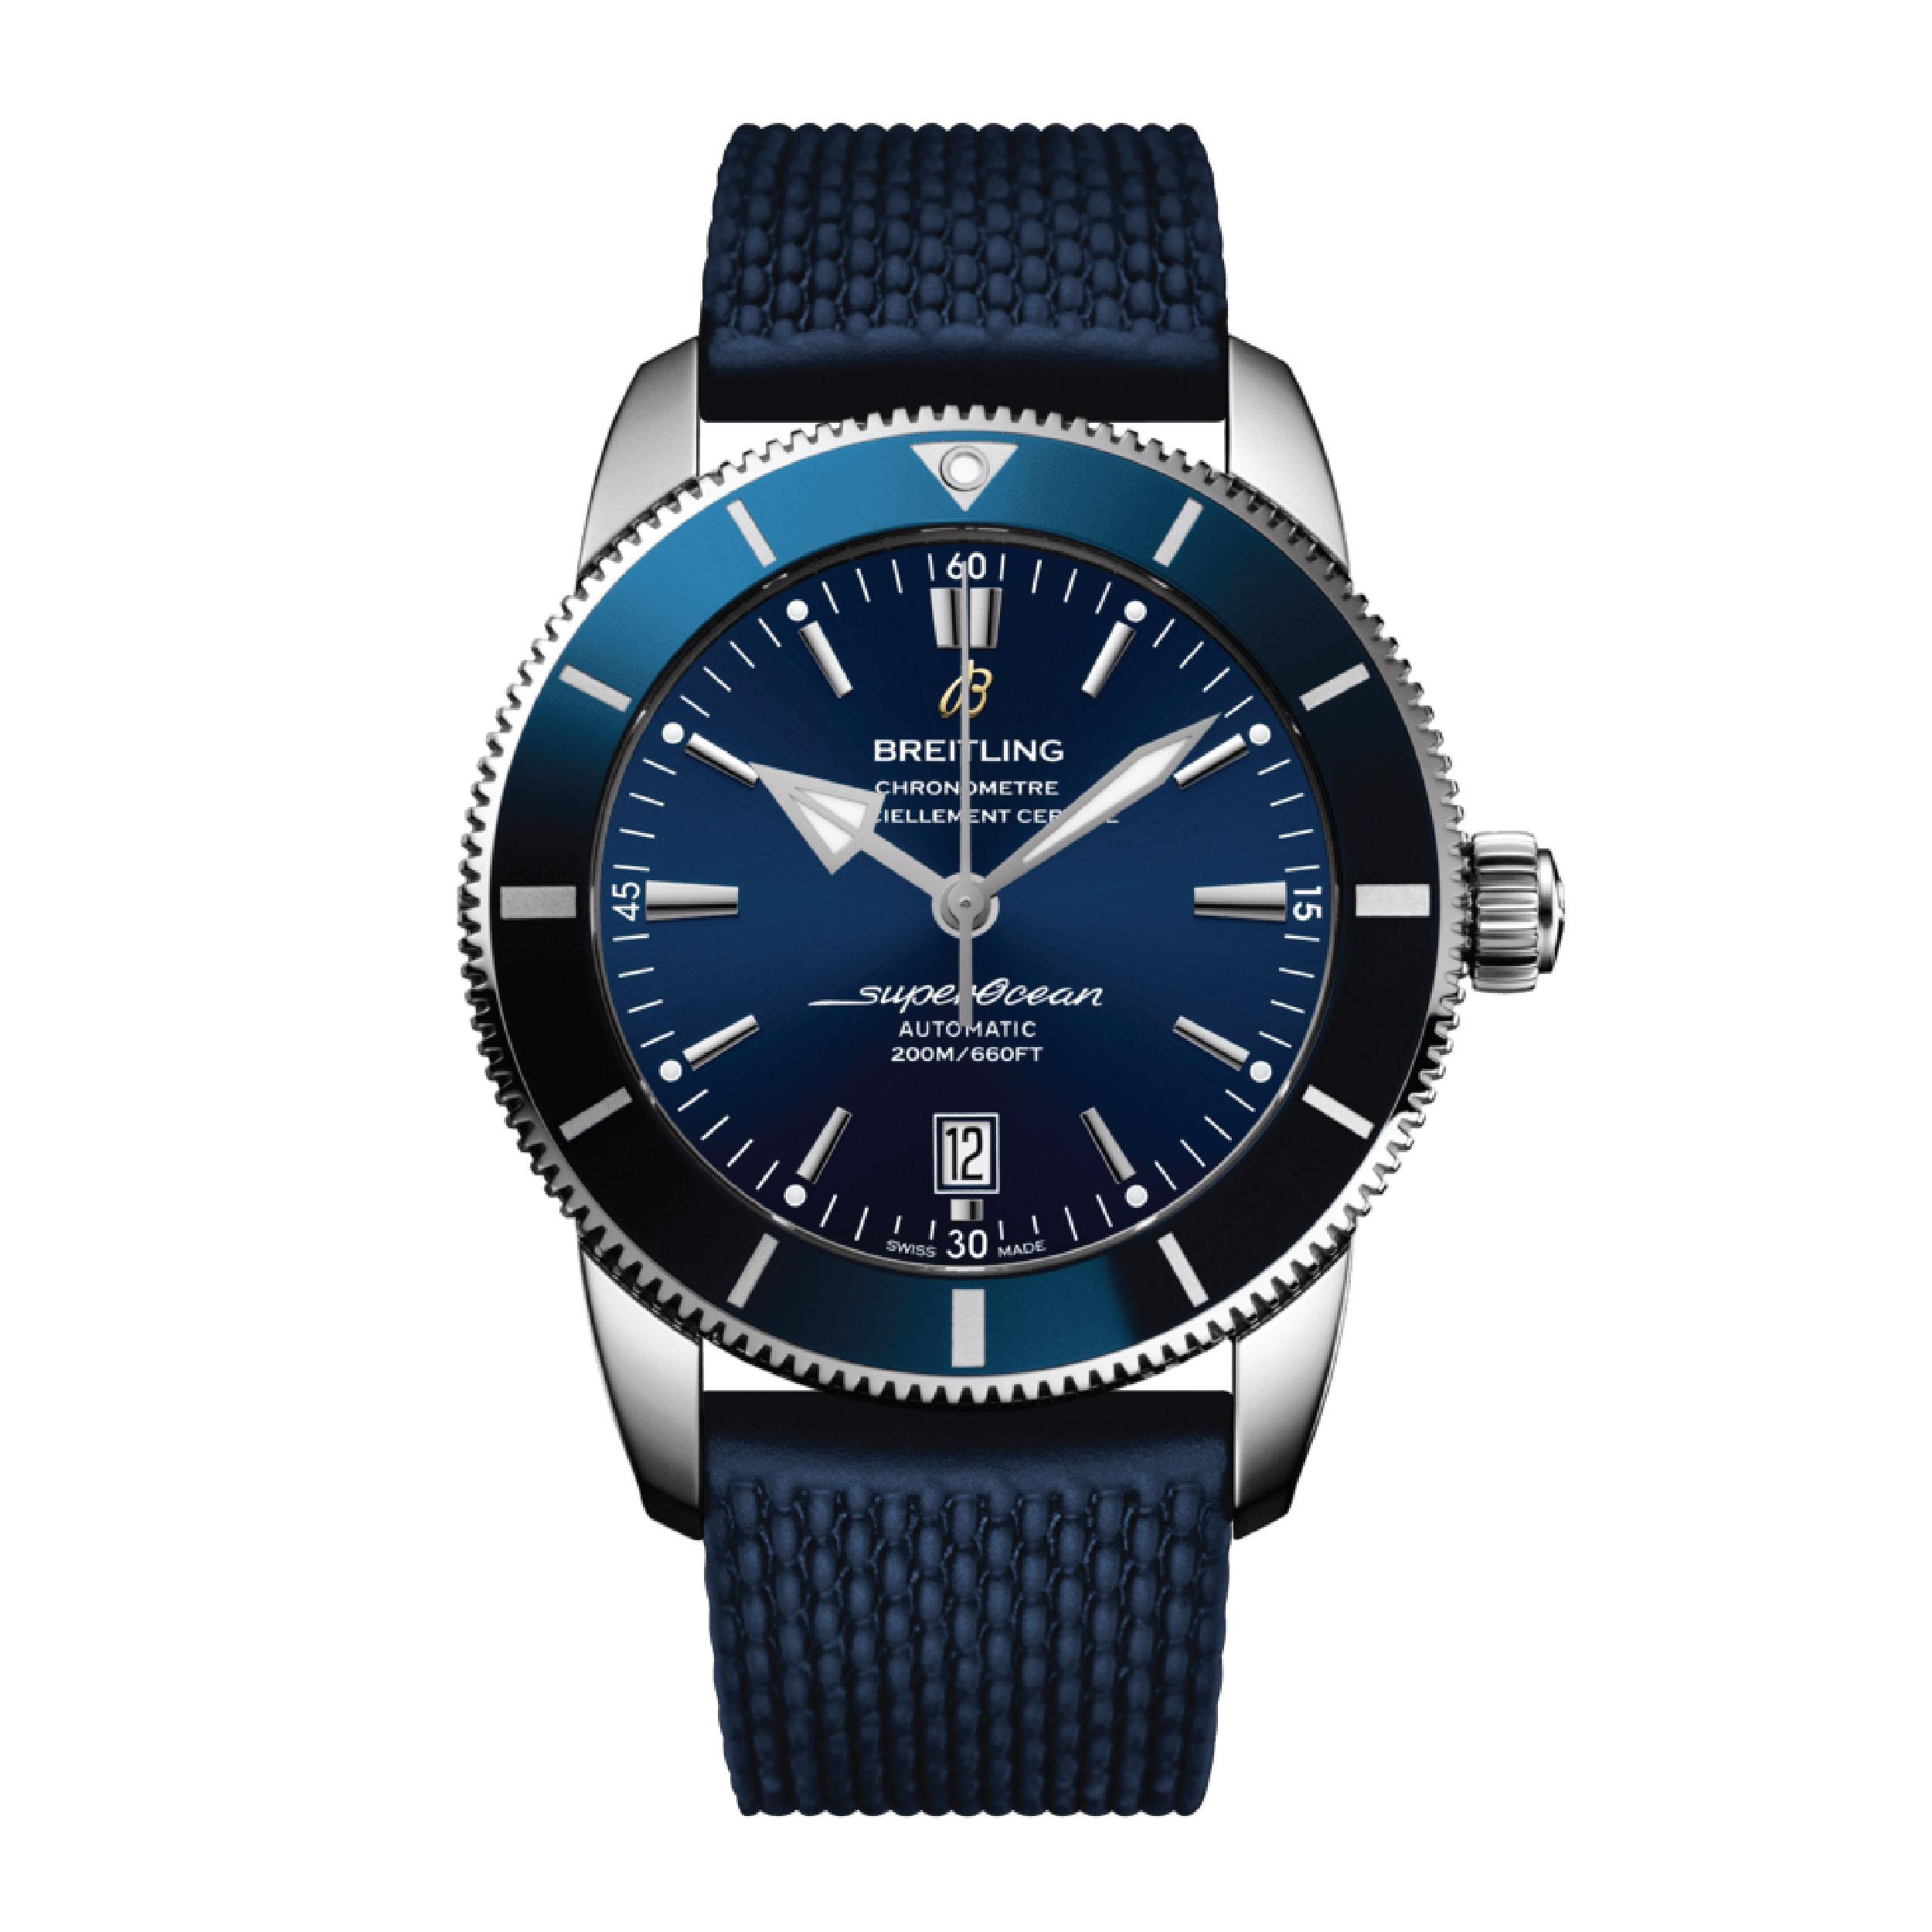 BREITLING Часы Superocean Heritage II 46